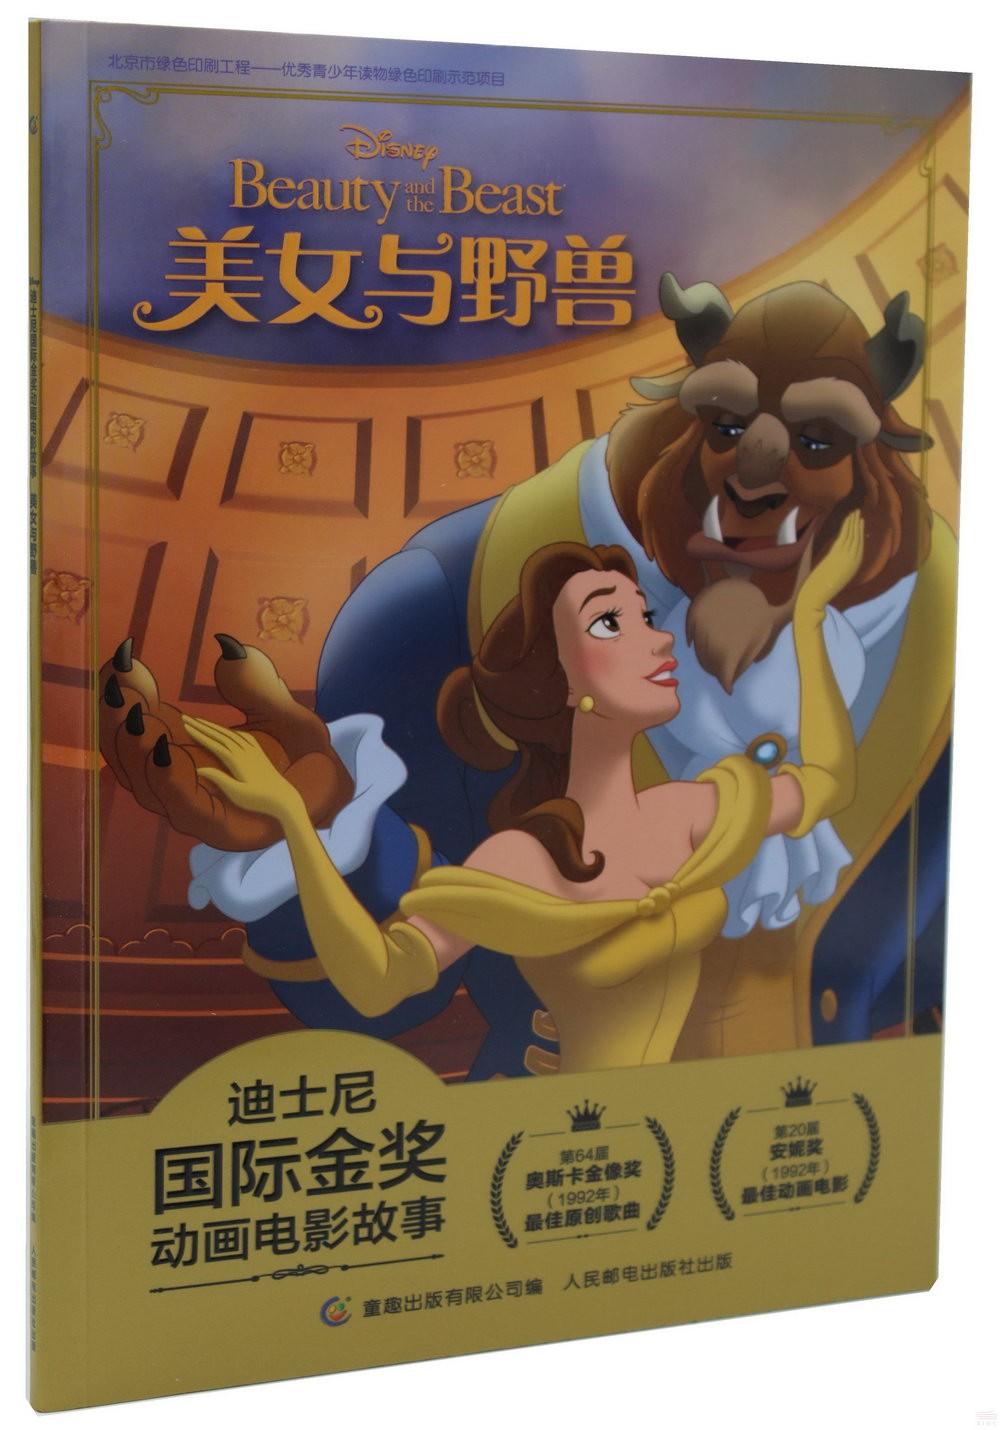 迪士尼國際金獎動畫電影故事:美女與野獸